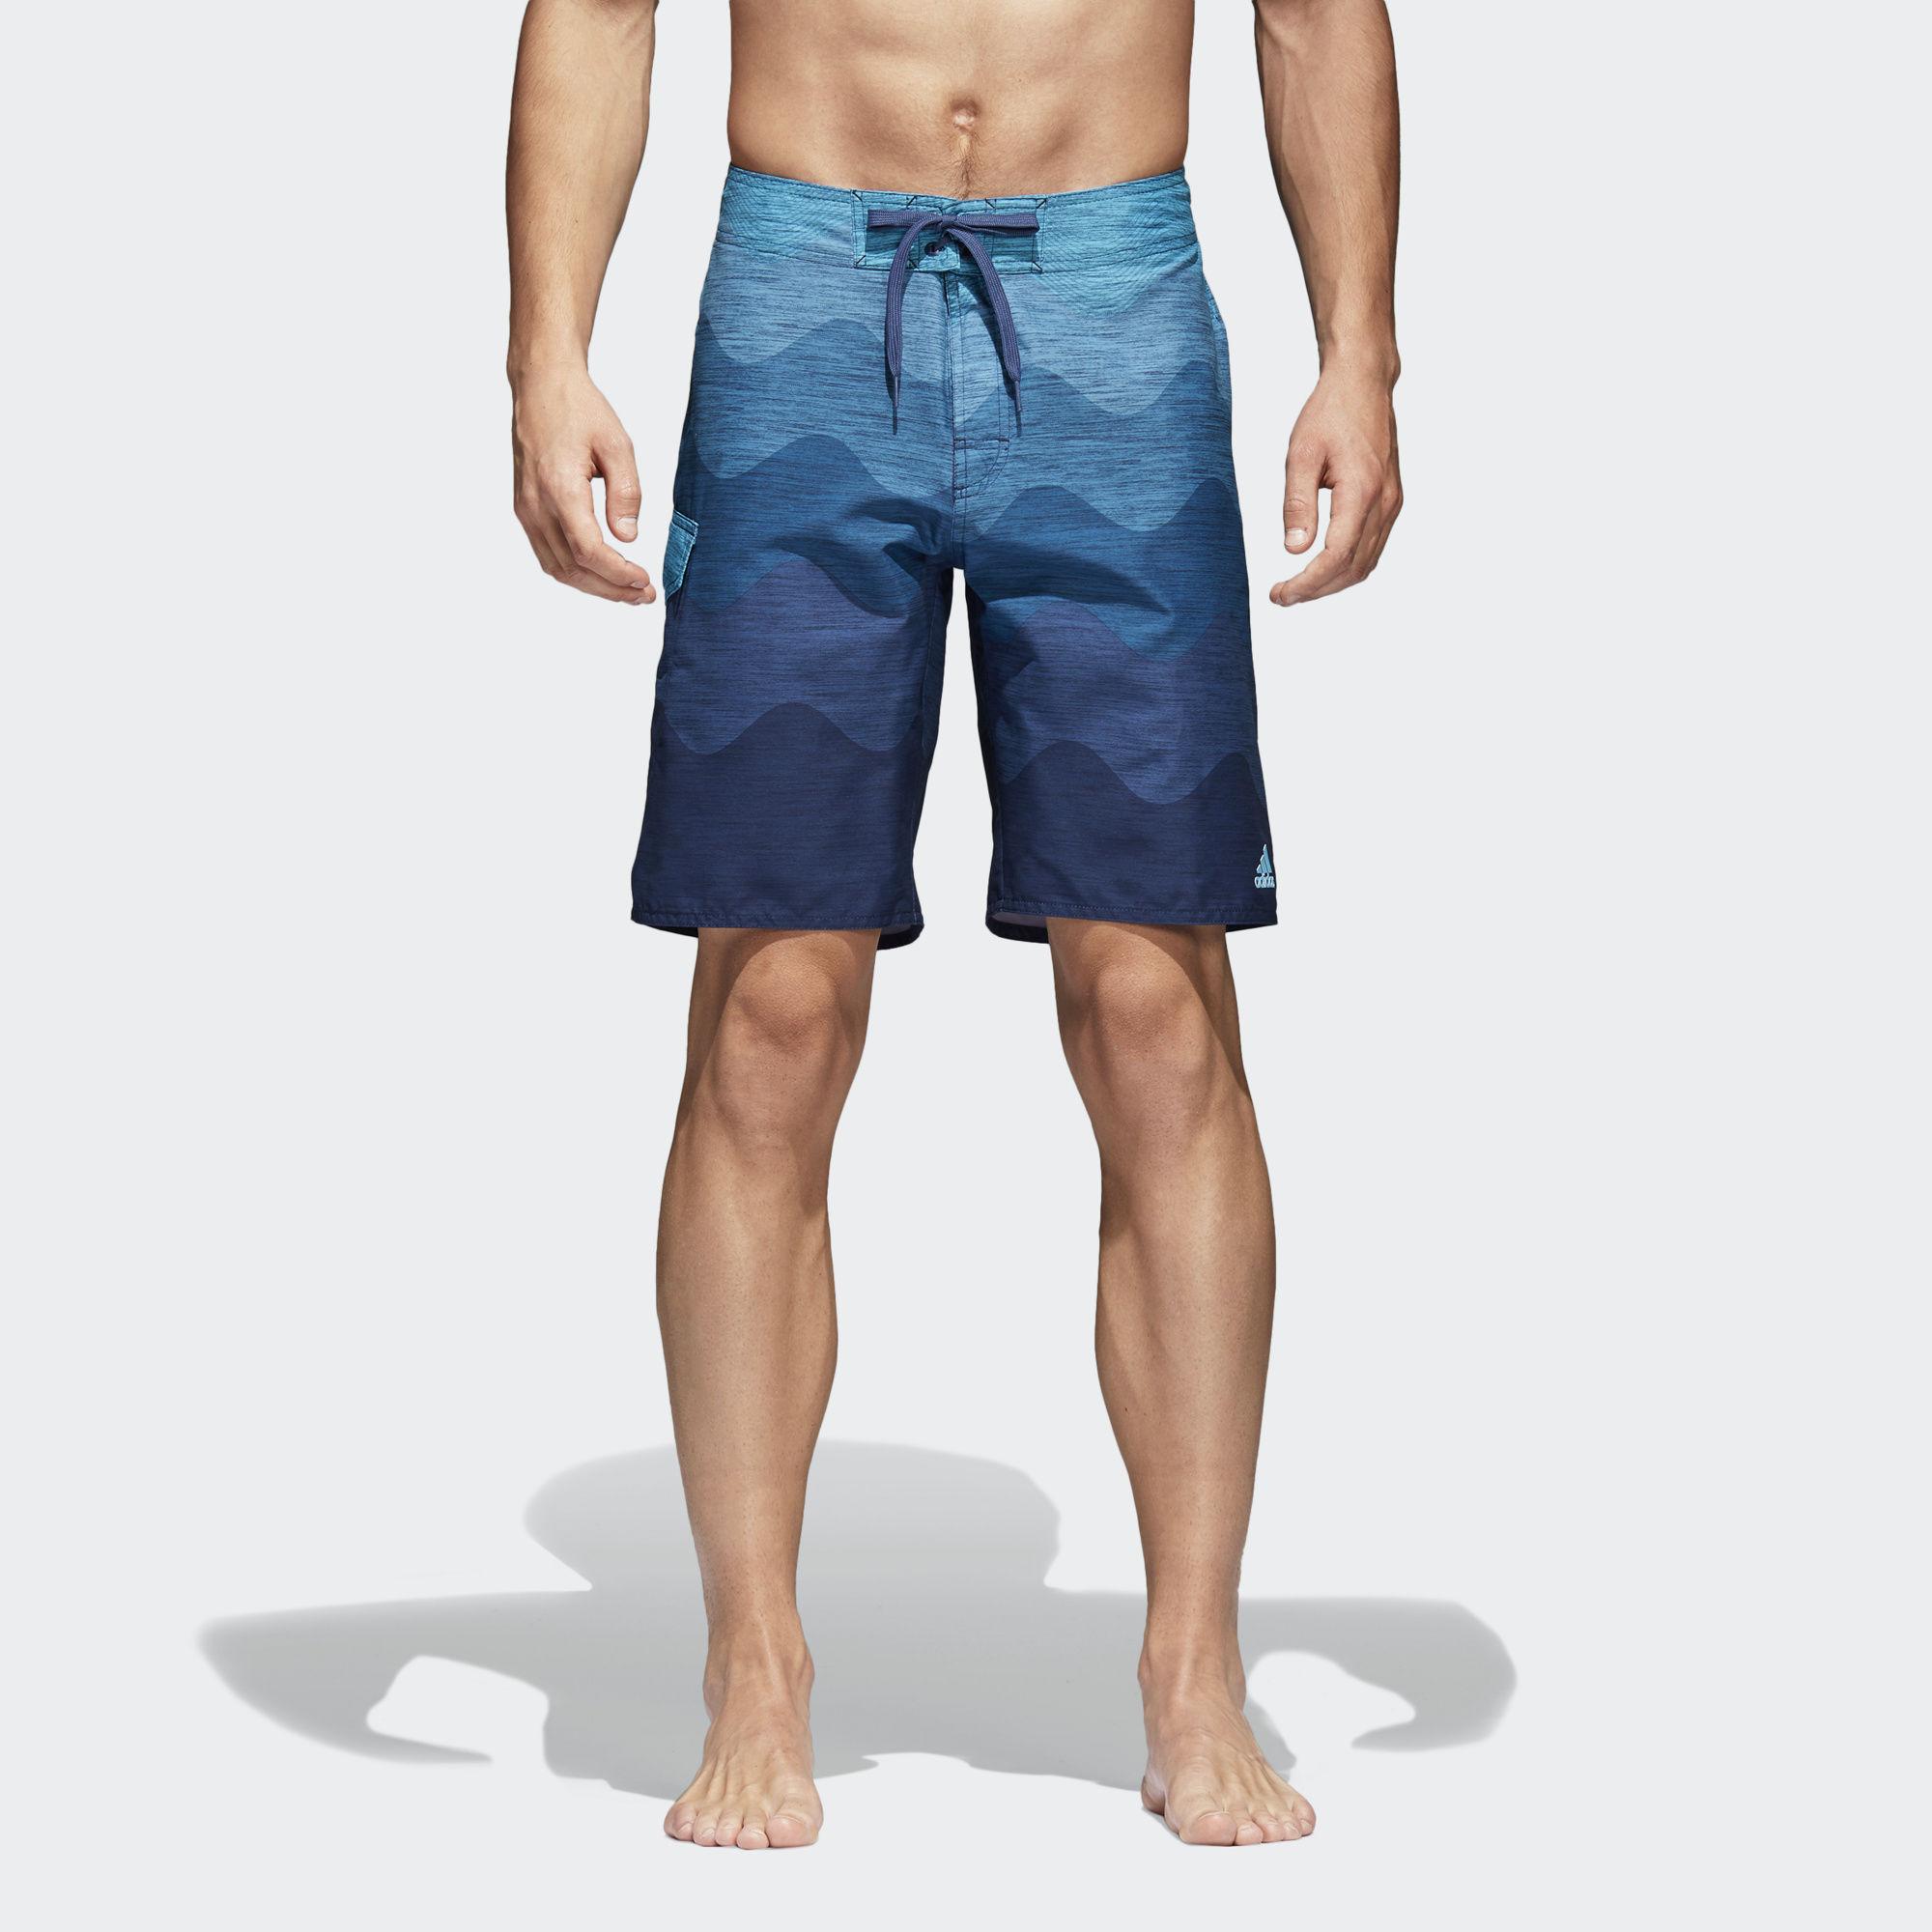 Шорты мужские adidas Wave Sh Cl, цвет: синий. CV5167. Размер S (44/46)CV5167Мужские шорты от adidas в серферском стиле для пляжа и бассейна. Классическая длина и удобные внутренние шорты из сетки. Модель украшена эффектным принтом с волнами.